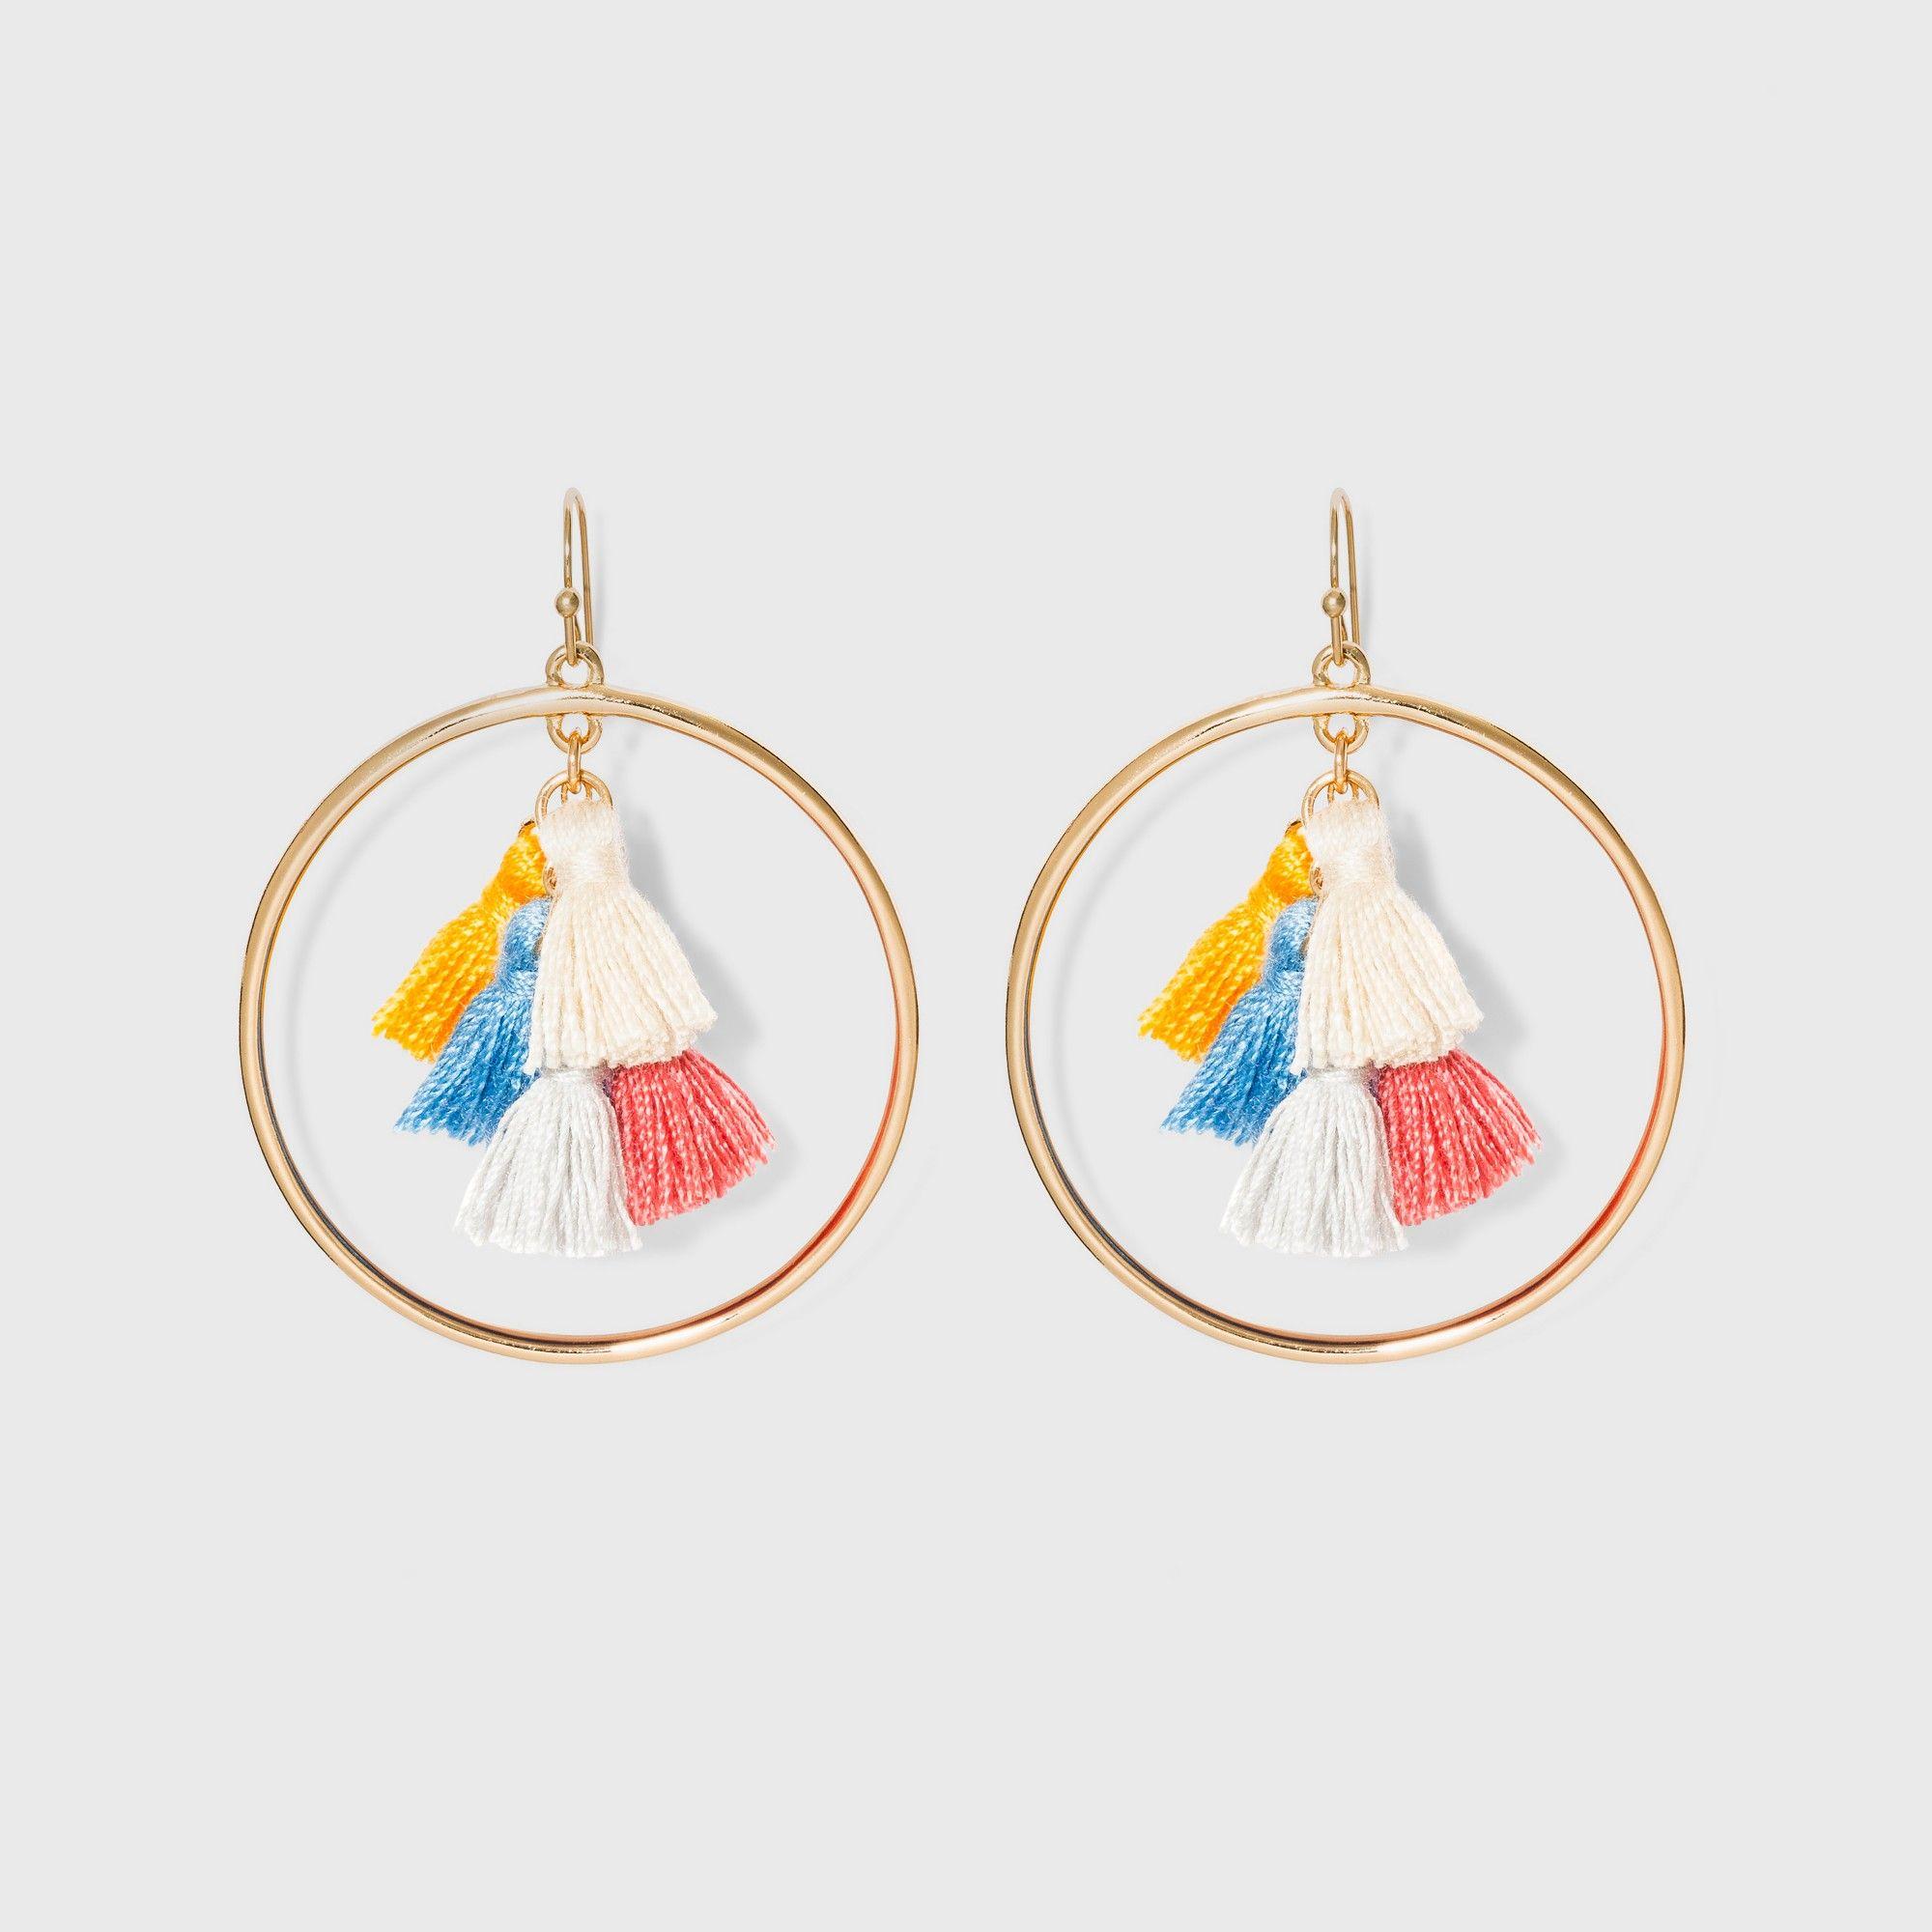 cebe5b1369dc6 SUGARFIX by BaubleBar Multi-Tassel Hoop Earrings, Women's, Size ...